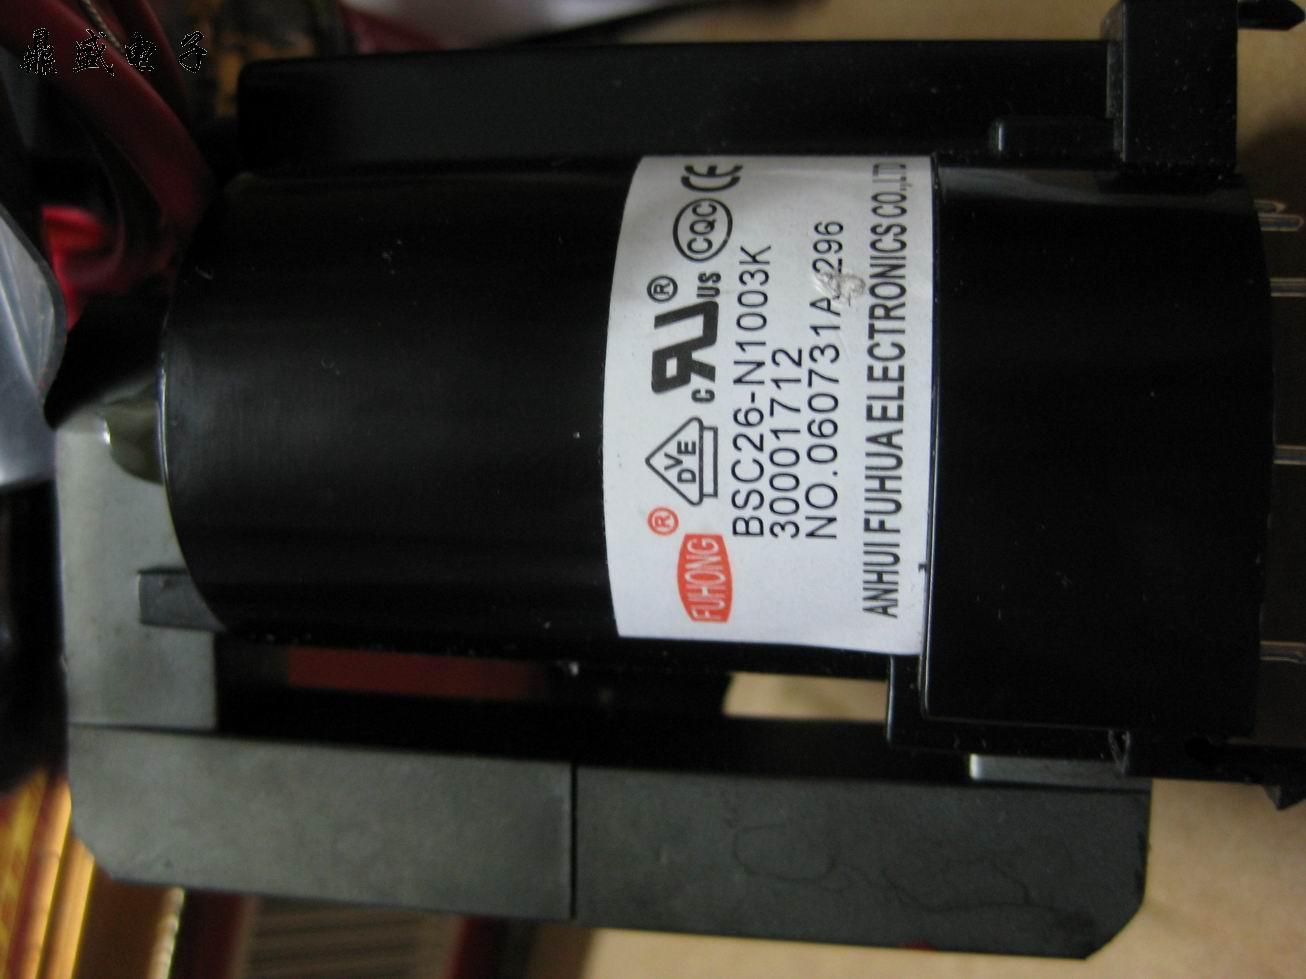 高压包_高压包供货商_供应全新原装康佳高压包